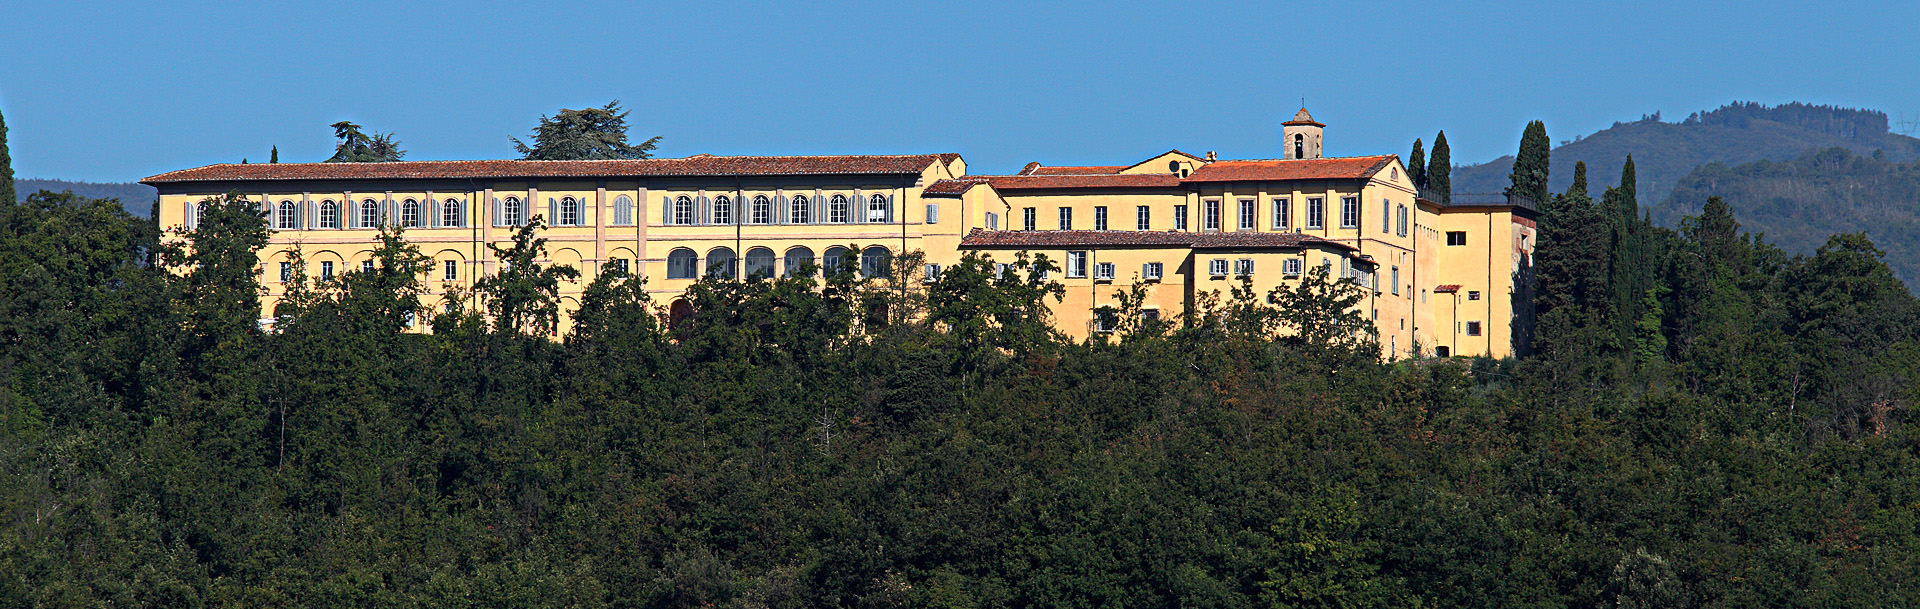 Matrimonio D Inverno Location Toscana : Le location speciali per sposarsi a pistoia e dintorni discoverpistoia